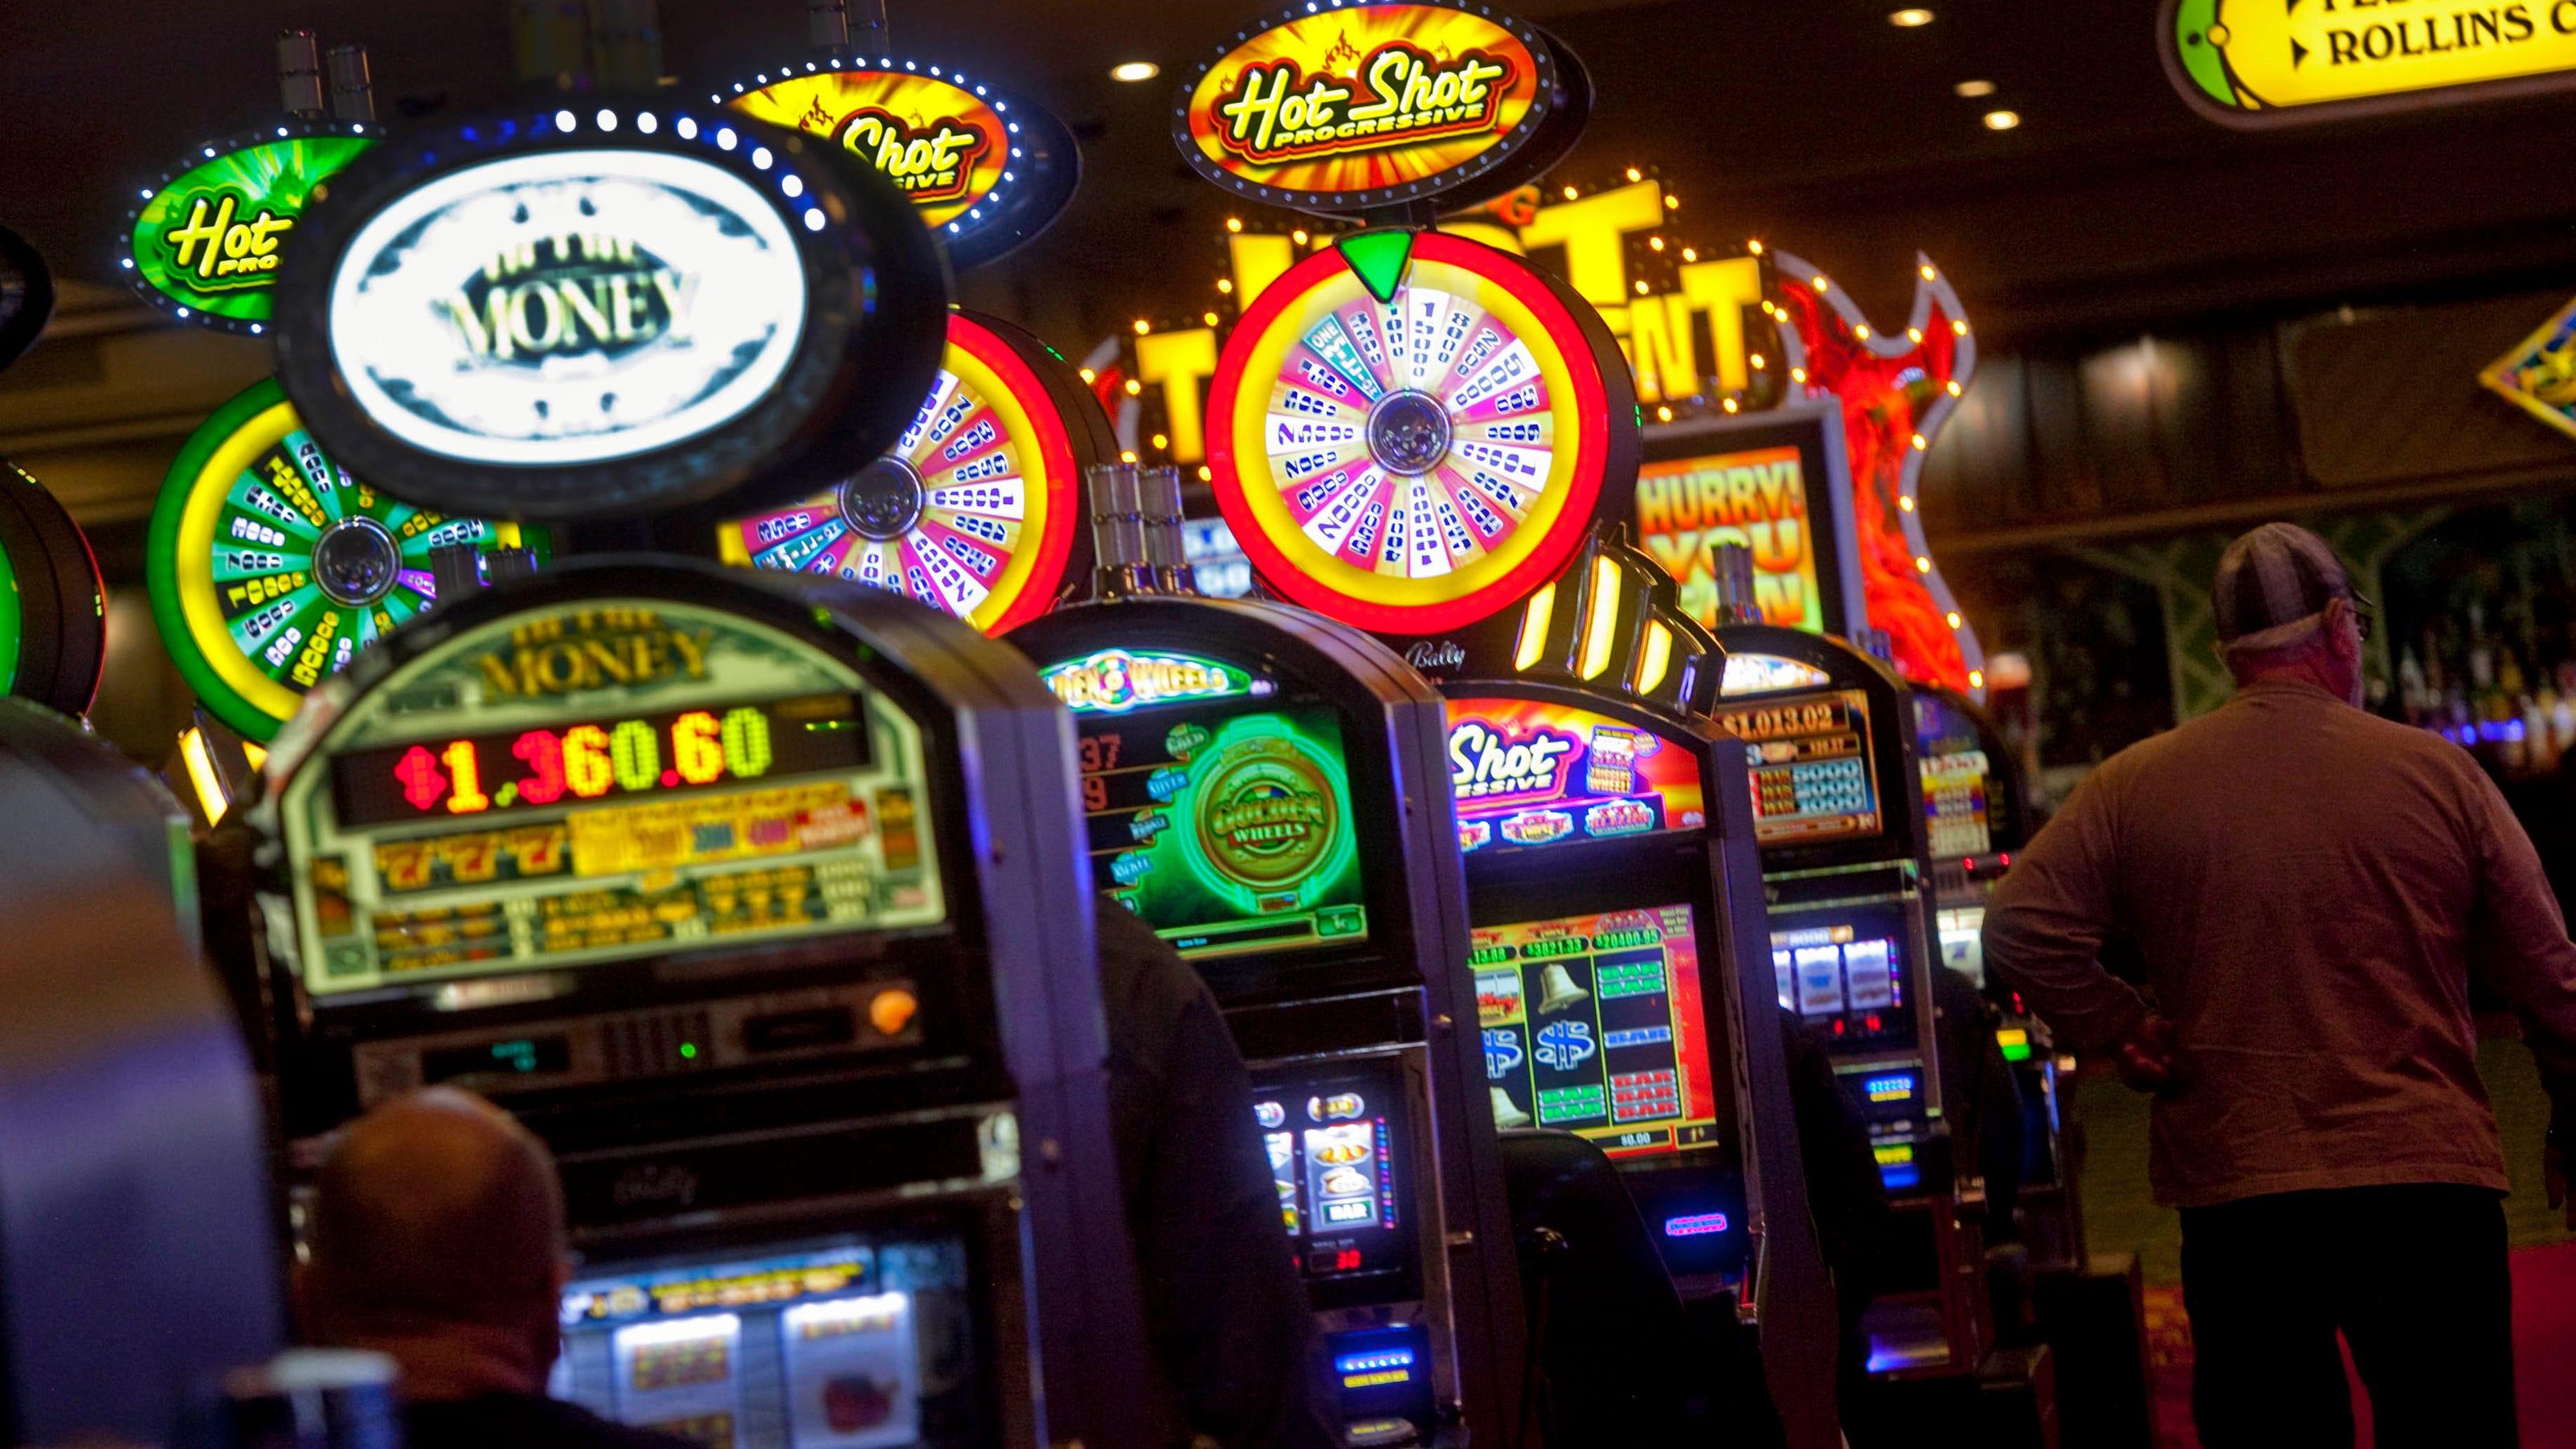 Dover gambling casino lumiere place casino & hotel